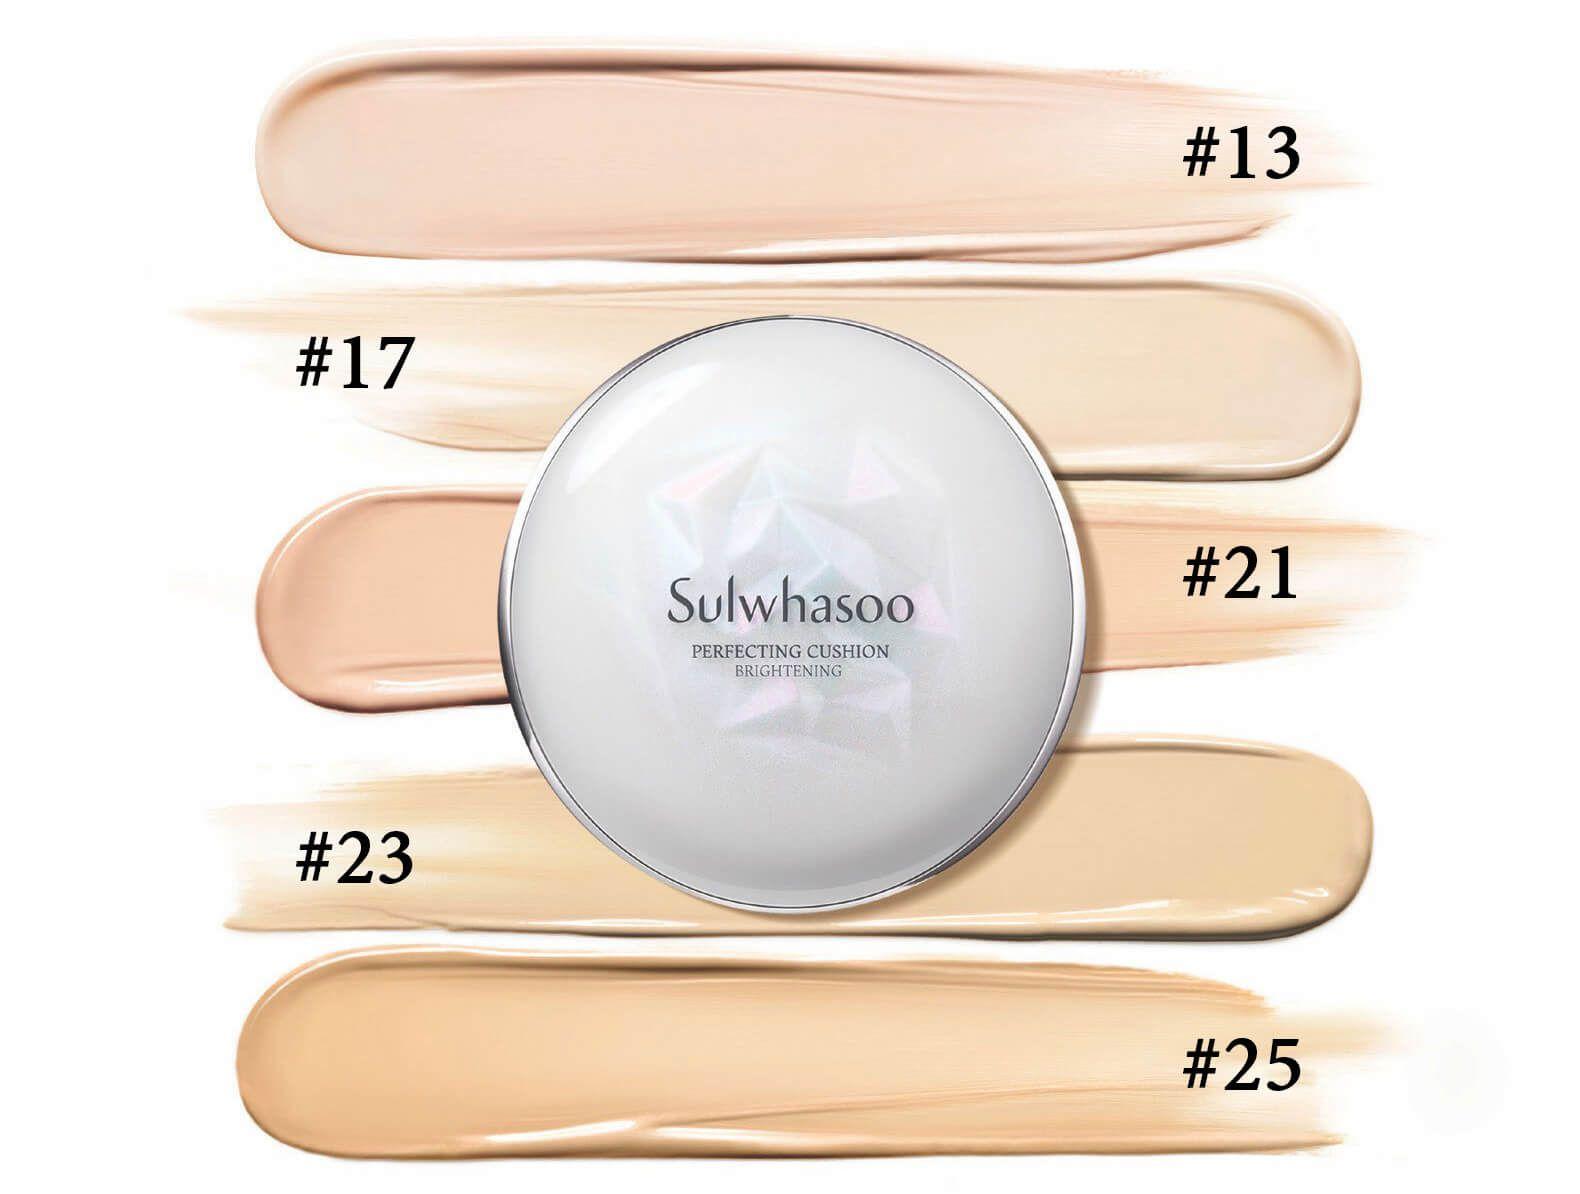 Phấn nước Sulwhasoo Perfecting Cushion Brightening SPF 50+/PA+++